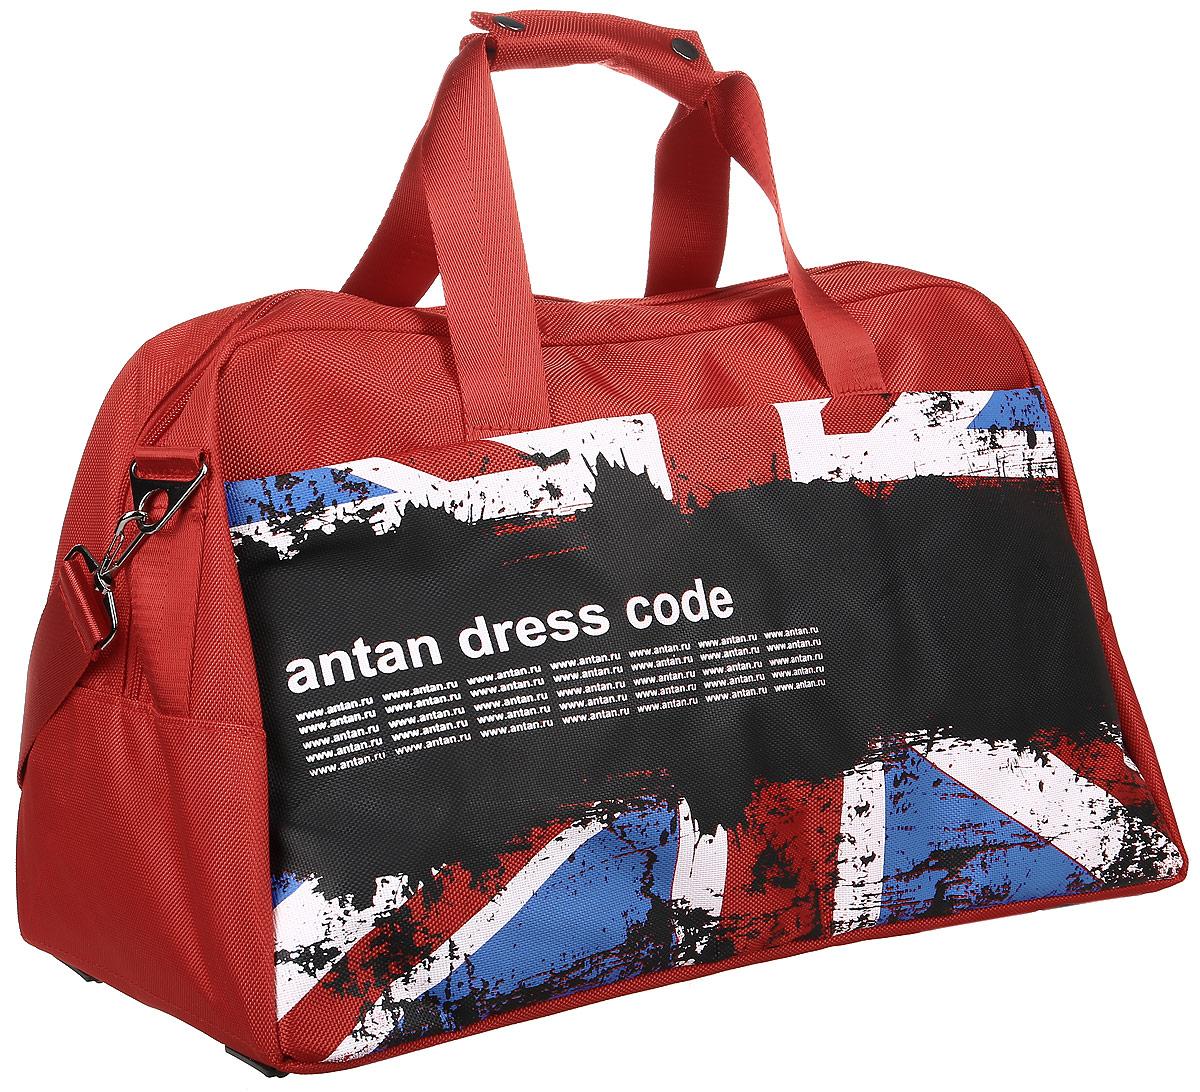 Сумка дорожная Аntan, цвет: красный. 46200107487764670018862165Вместительная дорожная сумка Аntan выполнена из текстиля. Изделие имеет одно отделение, которое закрывается на застежку-молнию. Внутри модель дополнена двумя сетчатыми карманами. Снаружи, на передней стенке расположен карман на застежке-молнии. Сумка дополнена двумя удобными ручками. В комплект входит съемный регулируемый плечевой ремень. Основание изделия защищено от повреждений пластиковыми ножками.